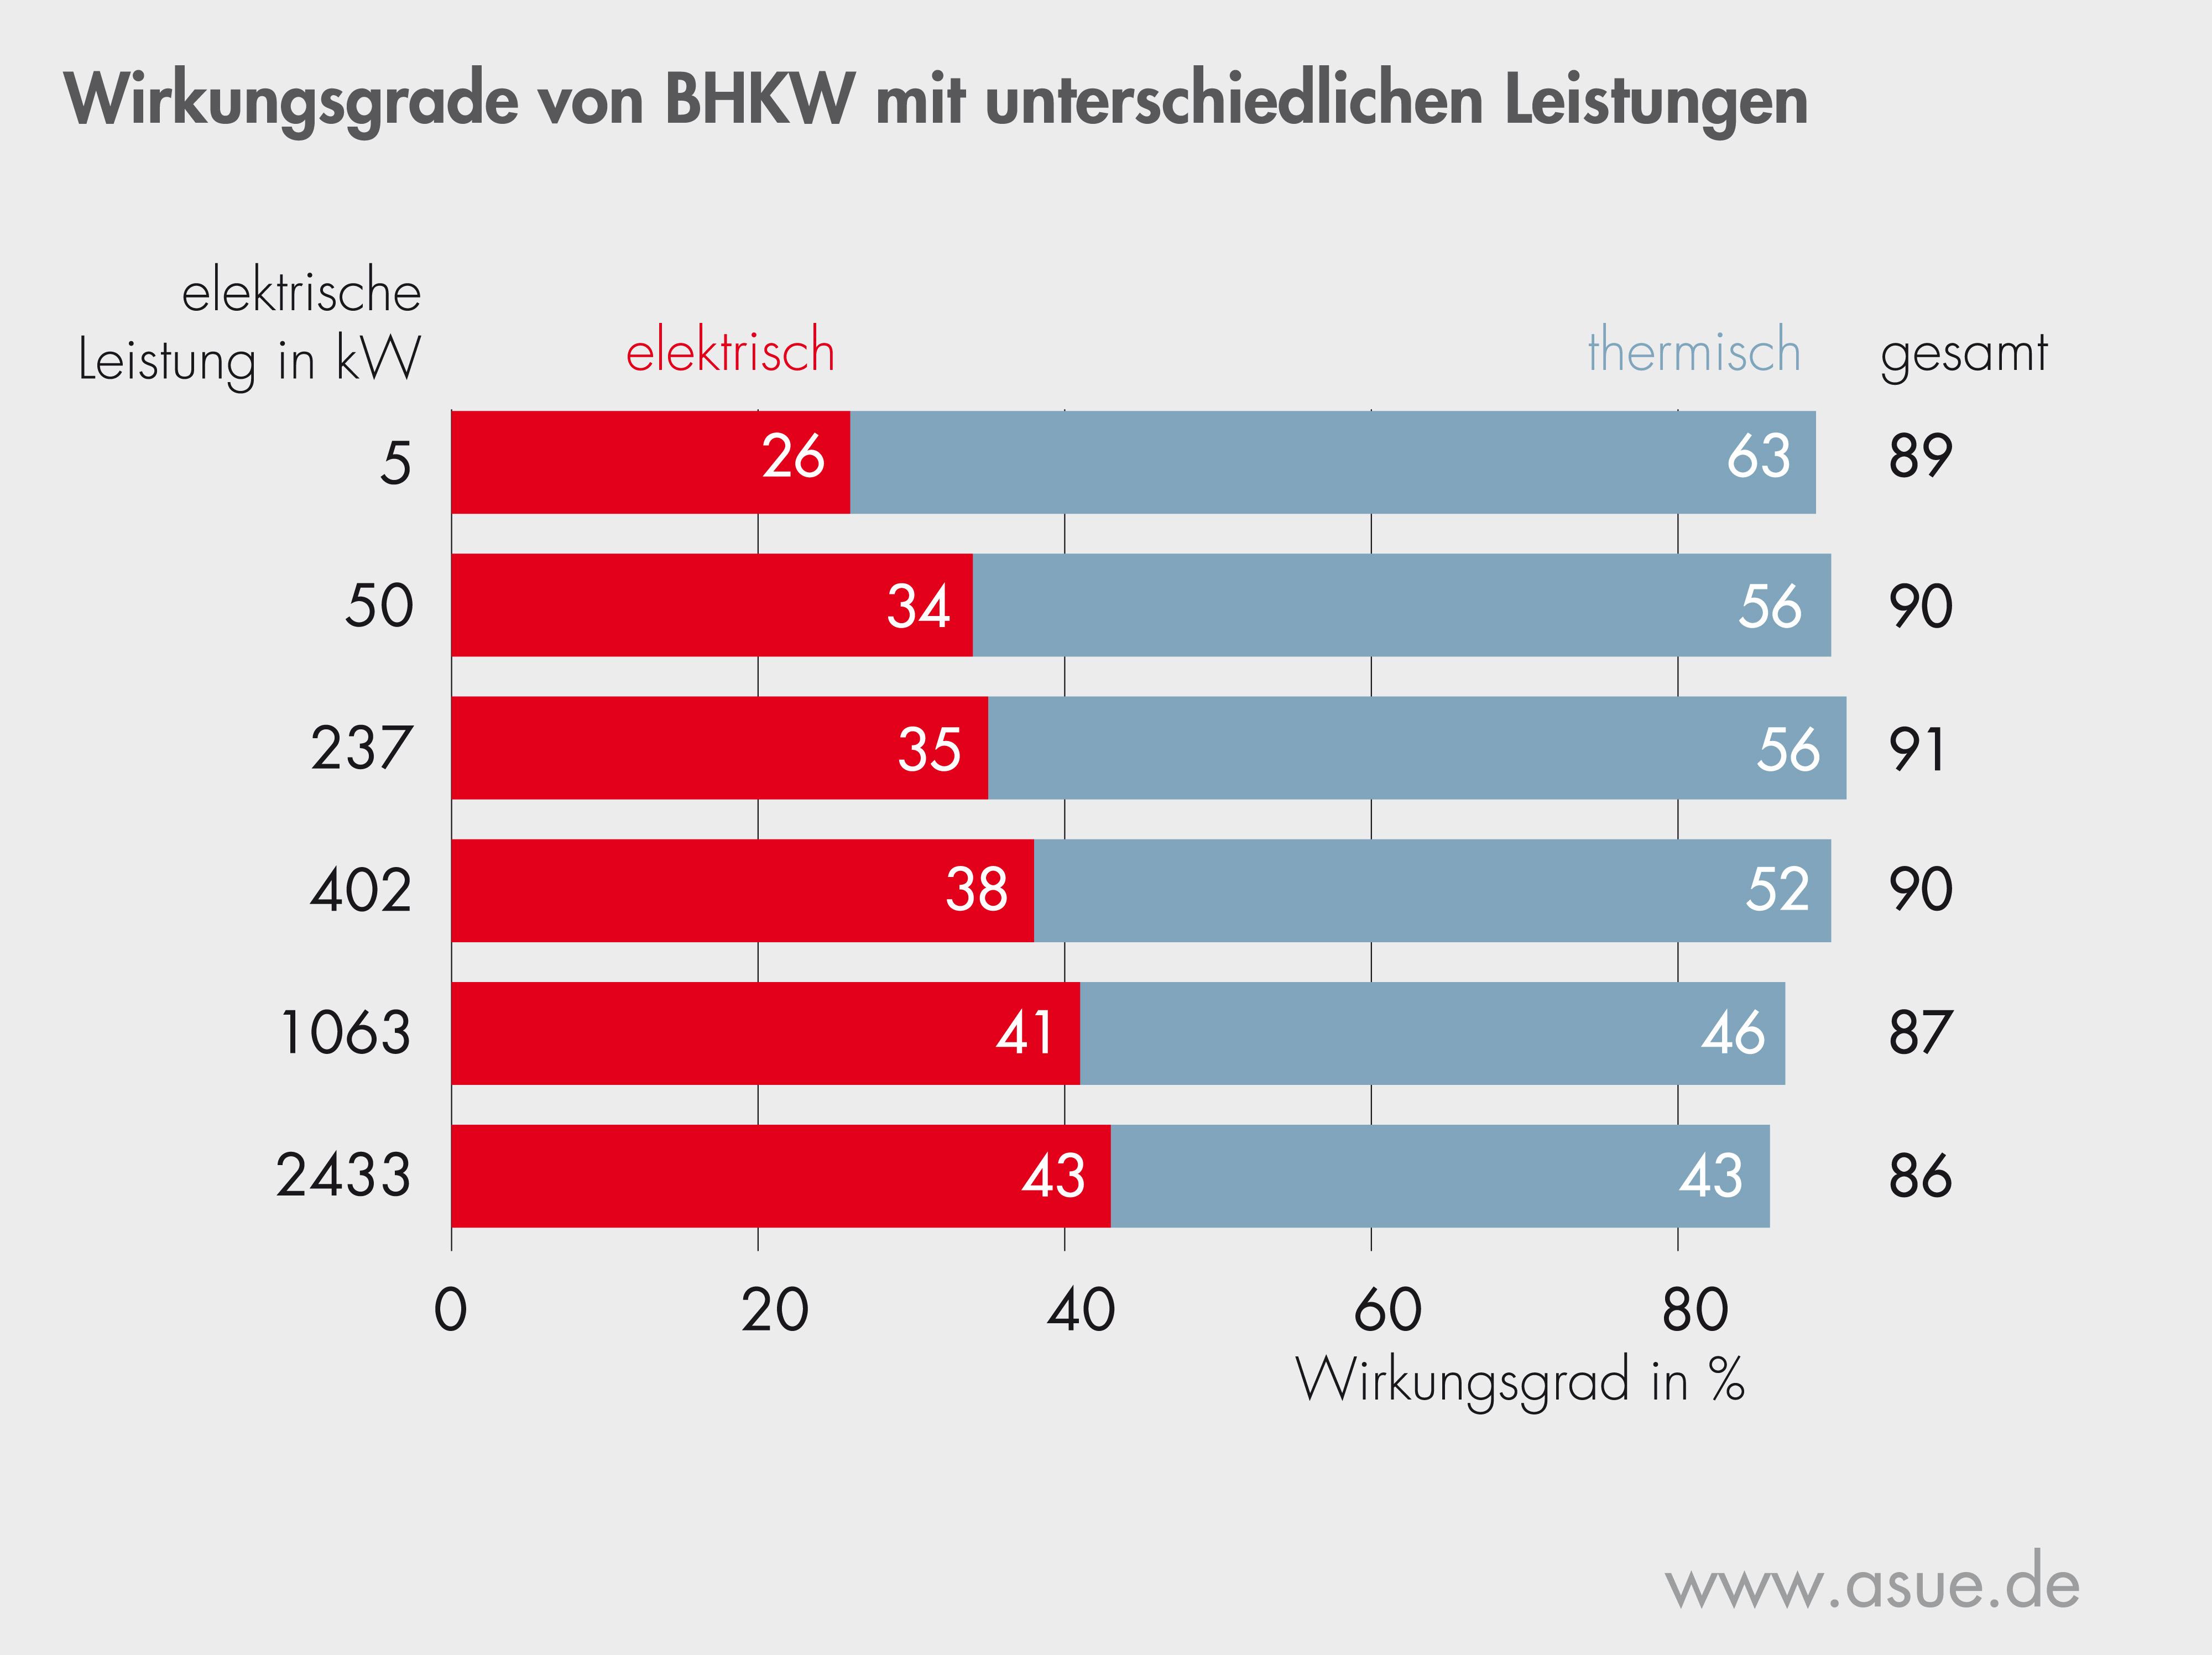 BHKW Wirkungsgrade bei unterschiedlichen elektrischen Leistungen